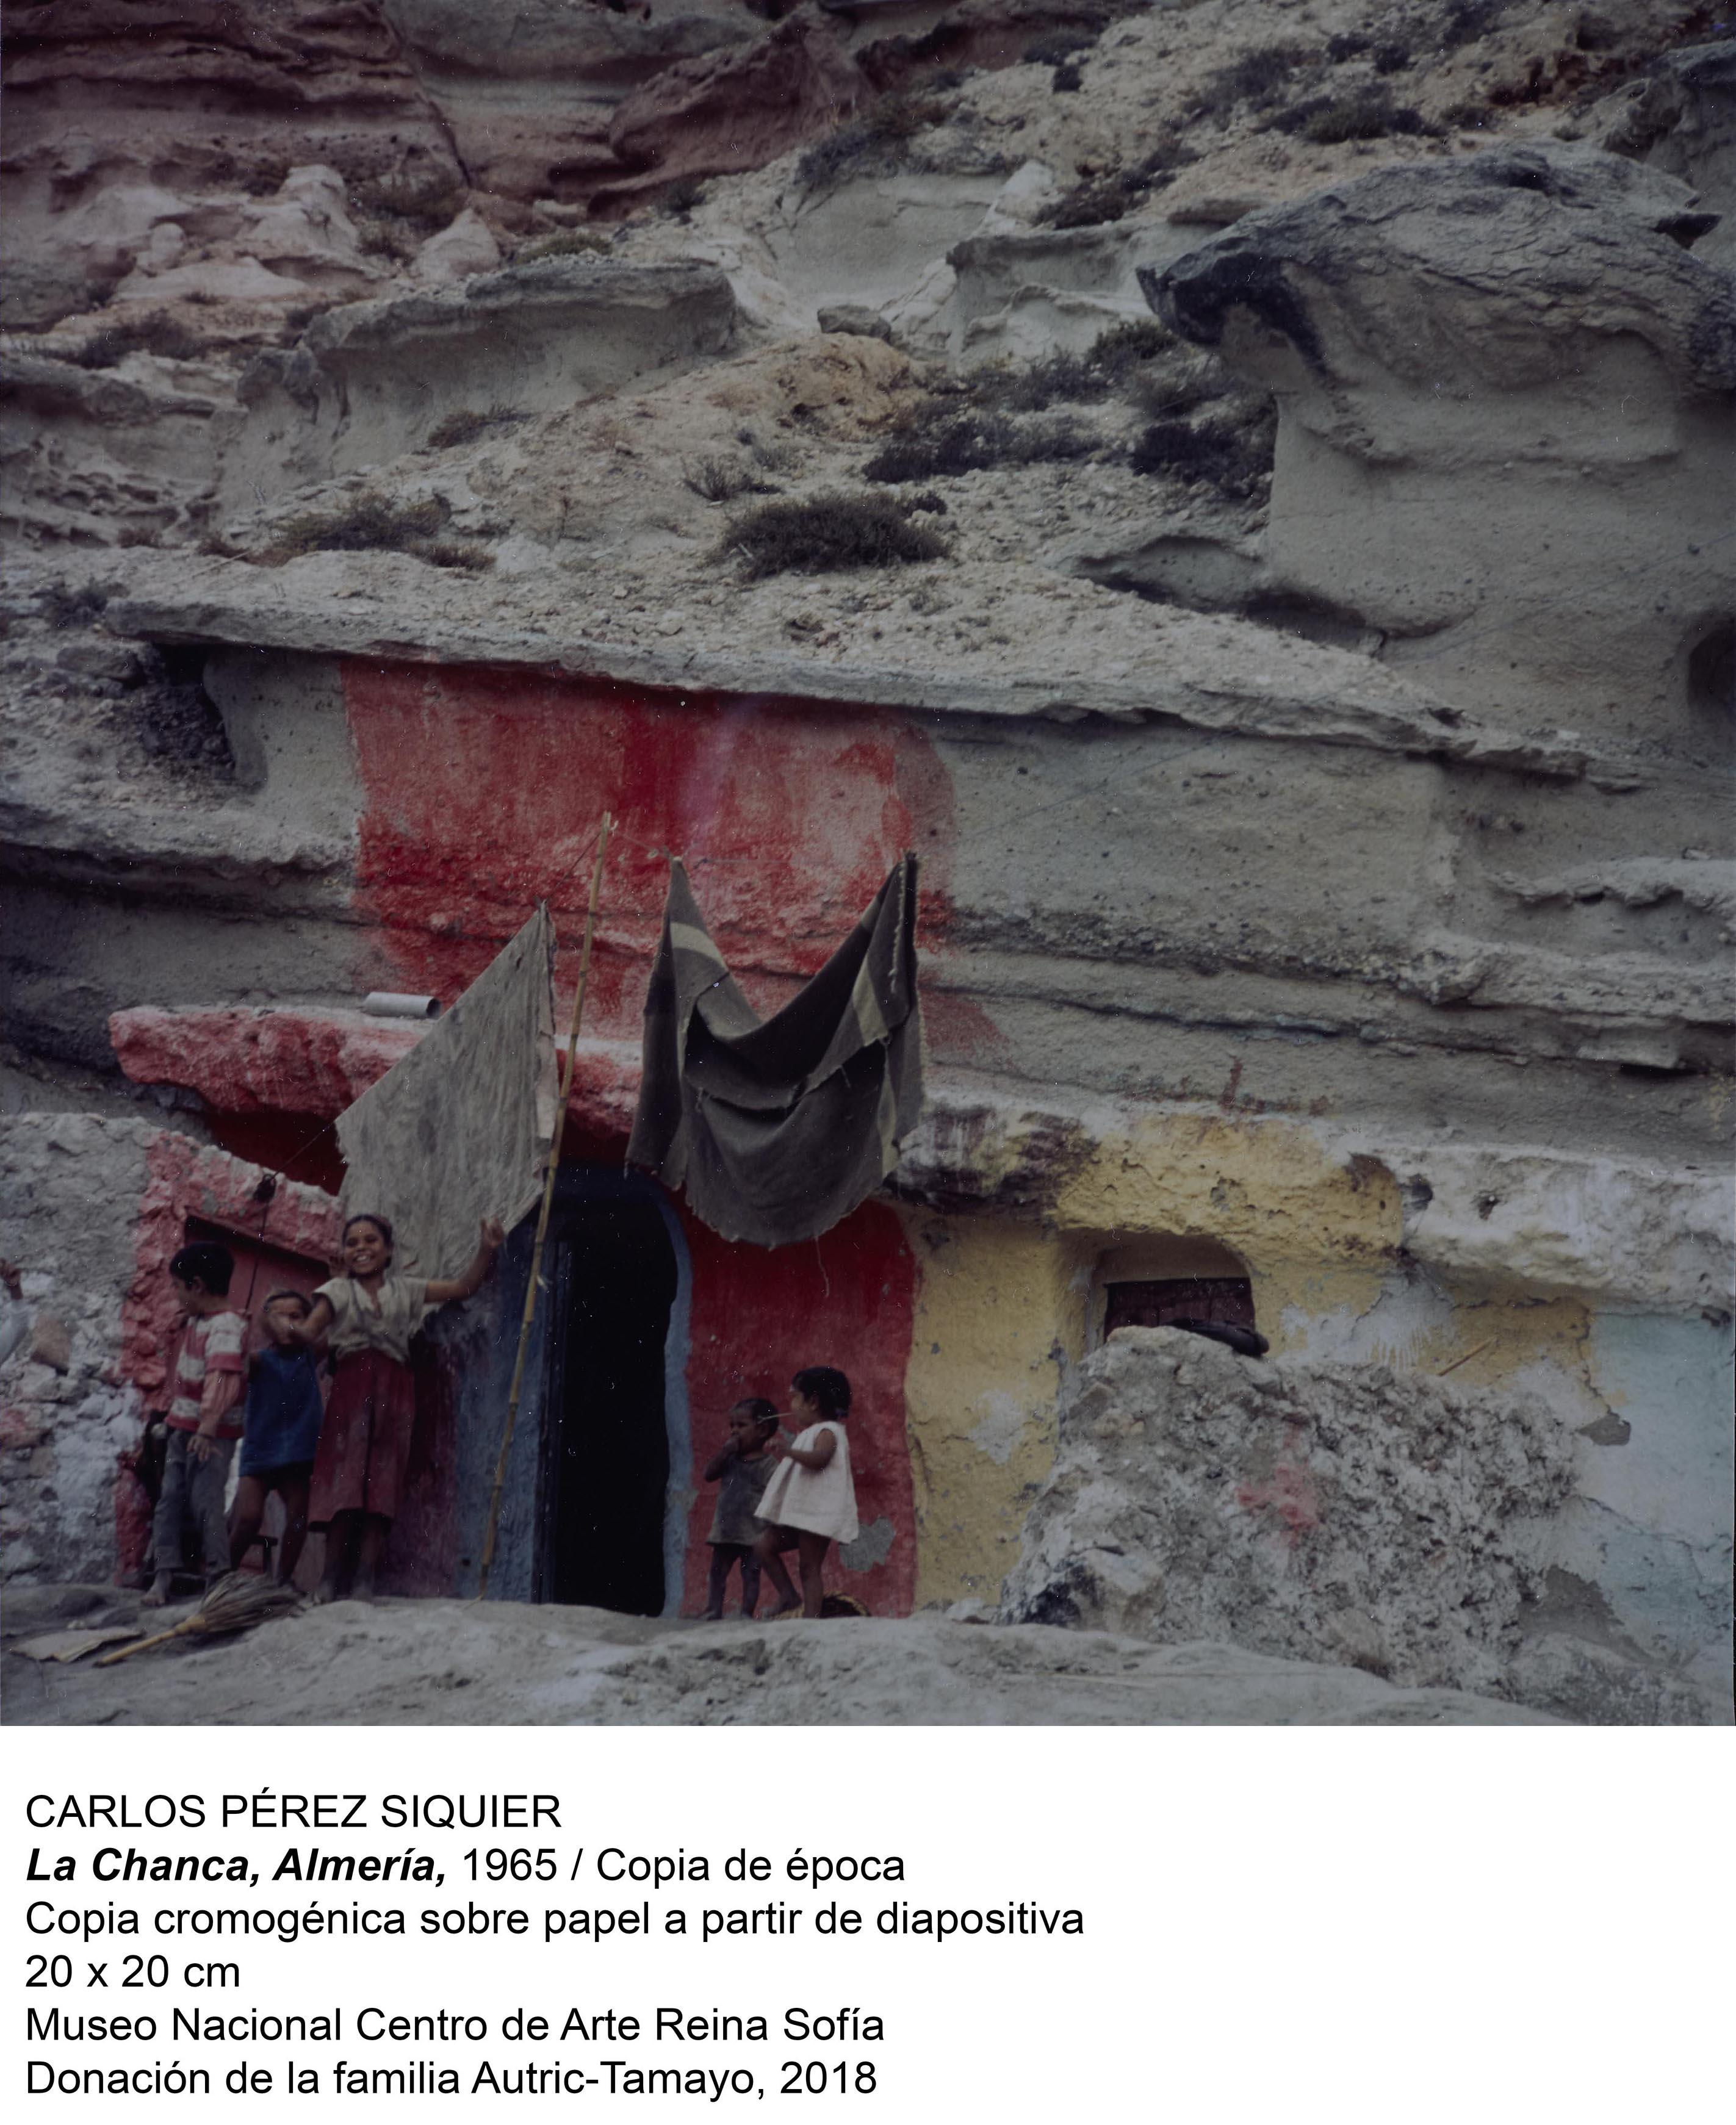 CARLOS PEREZ SIQUIER (3)